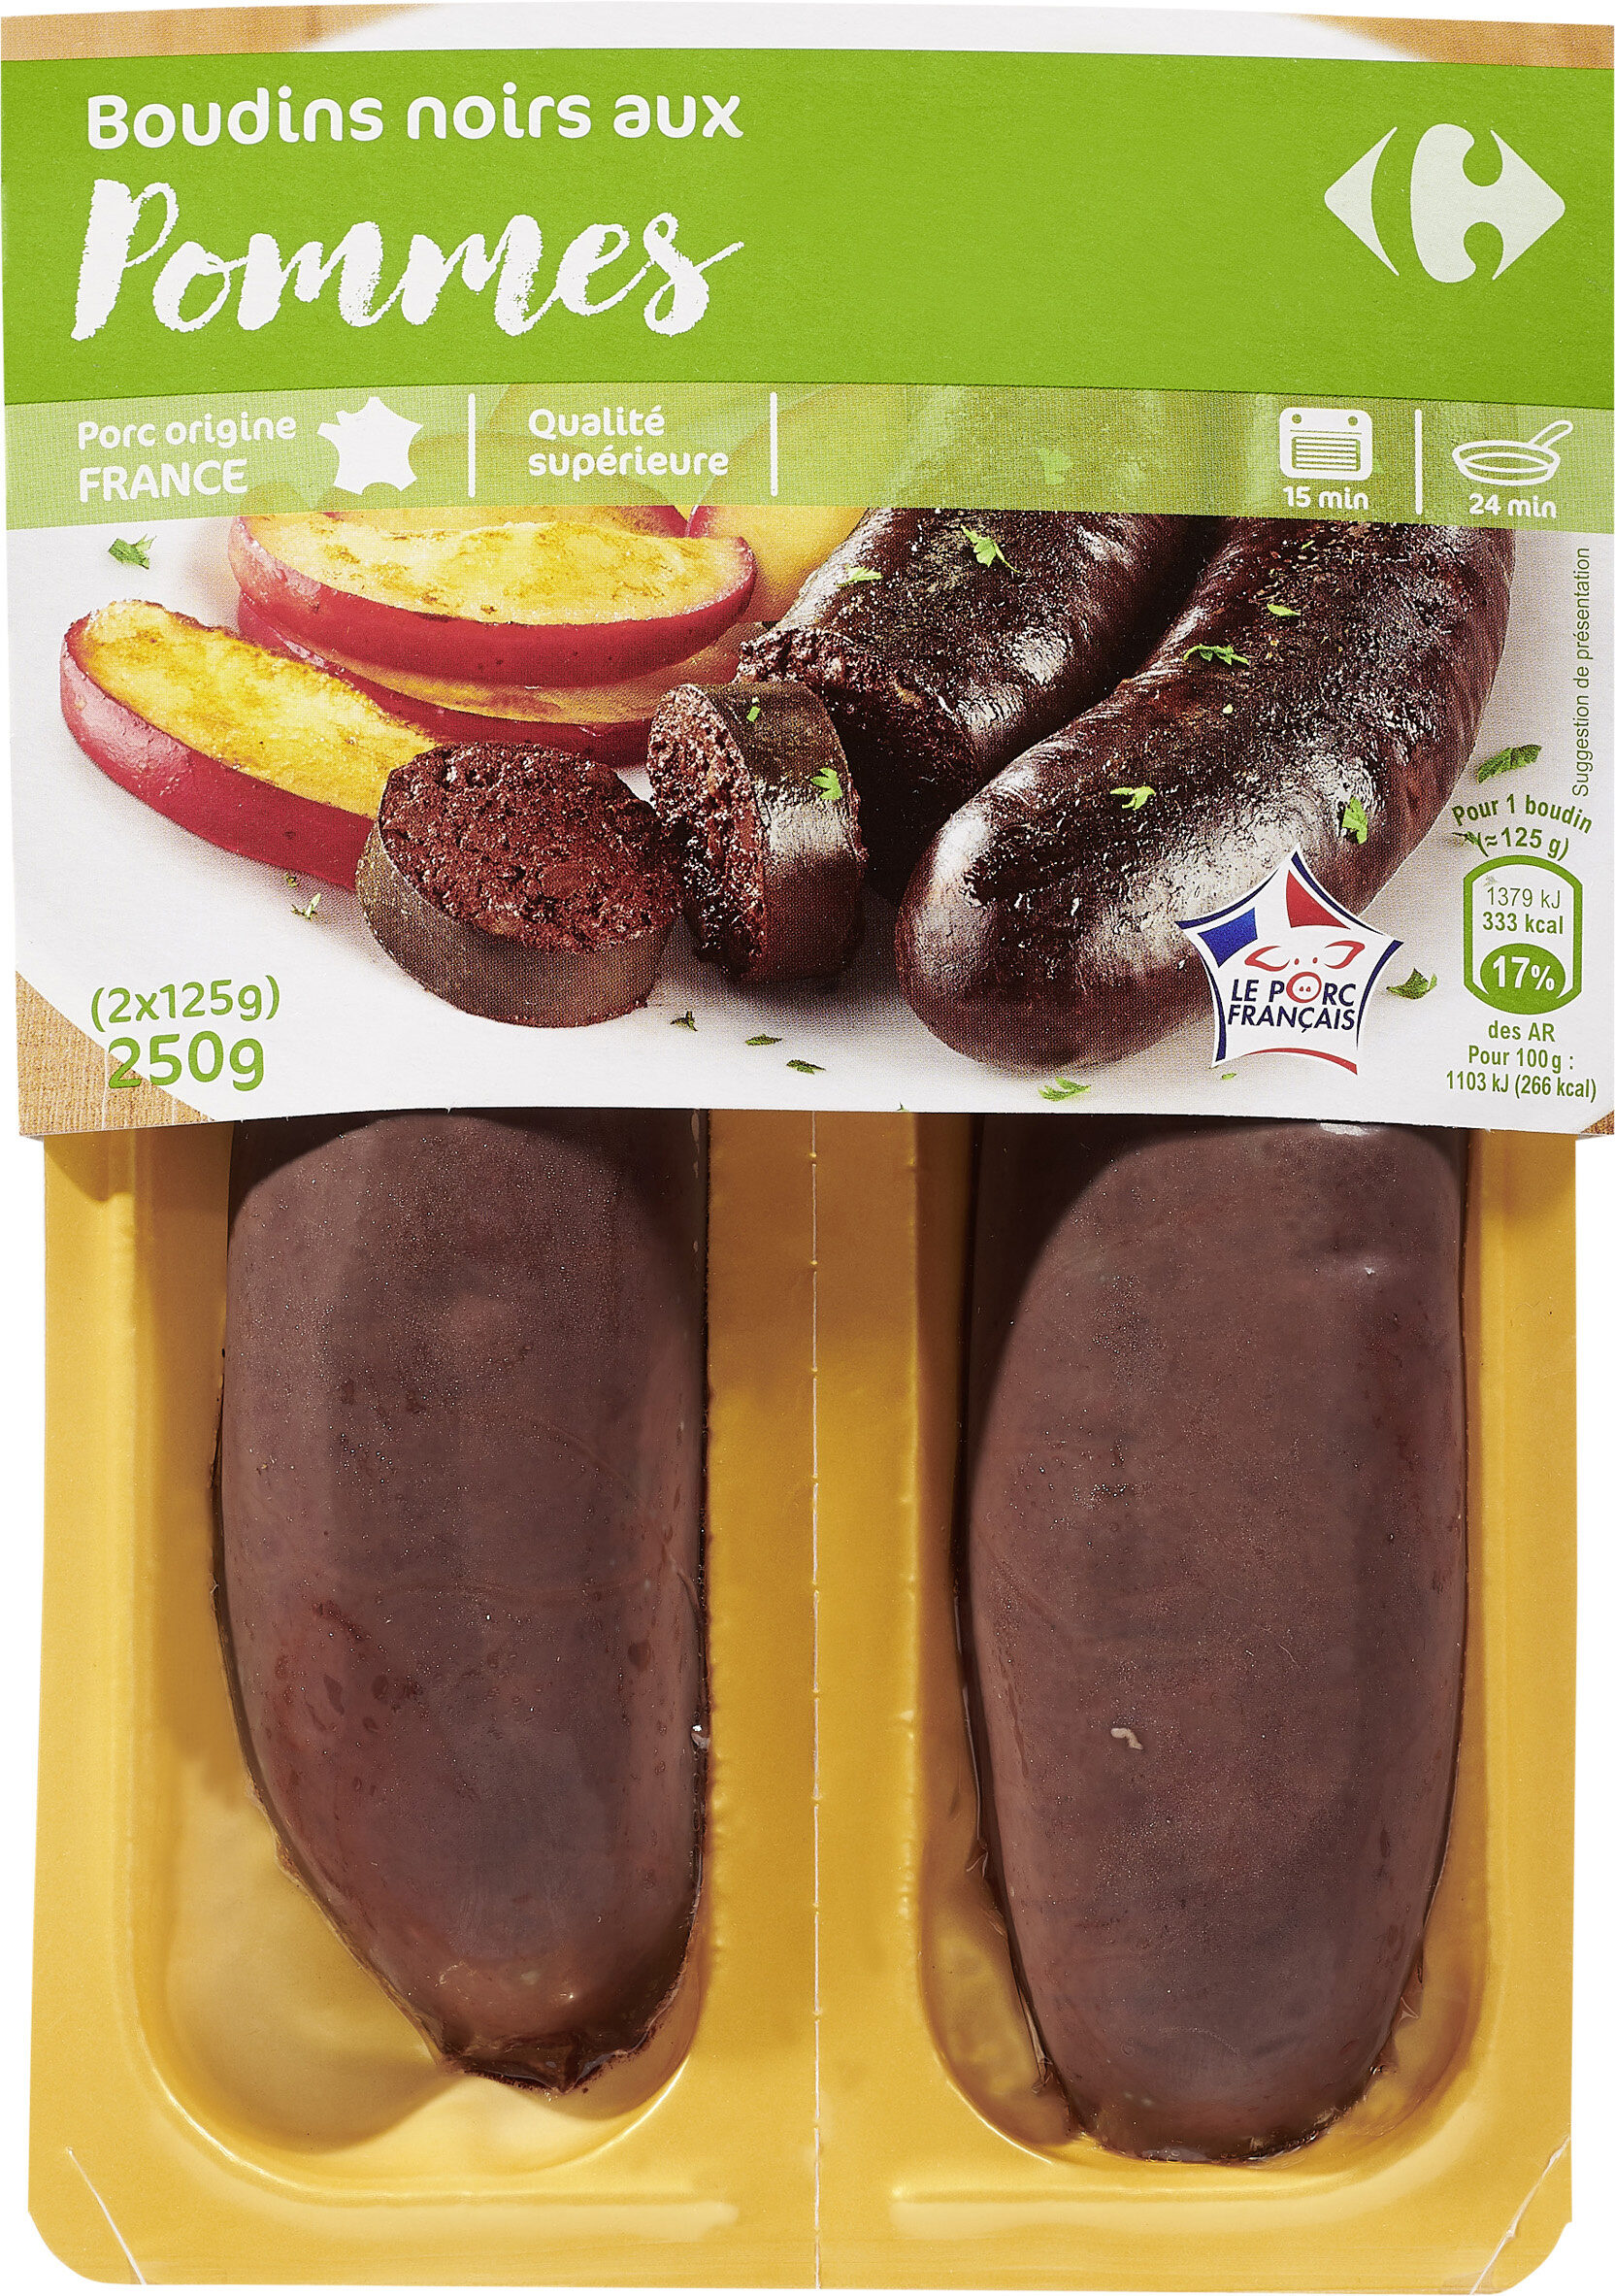 Boudins noirs aux Pommes - Product - fr